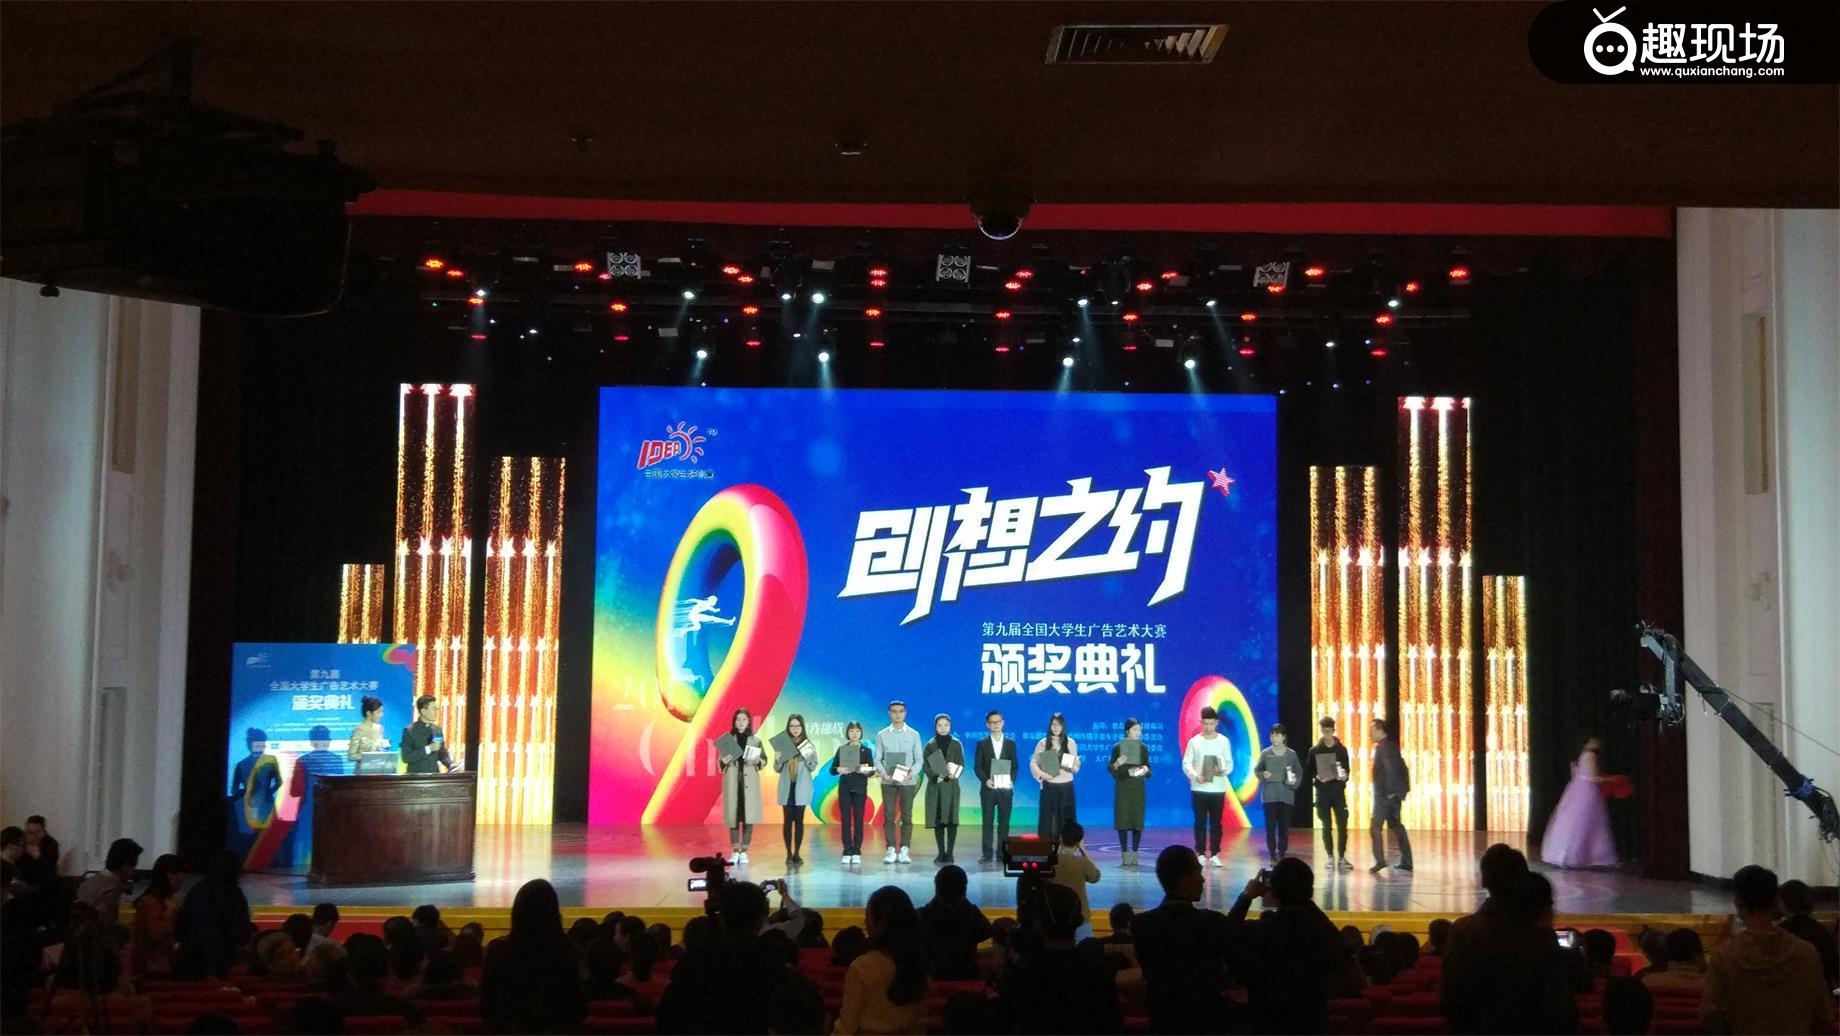 趣现场——激昂青春点亮创意 见证大广赛年度创意盛典